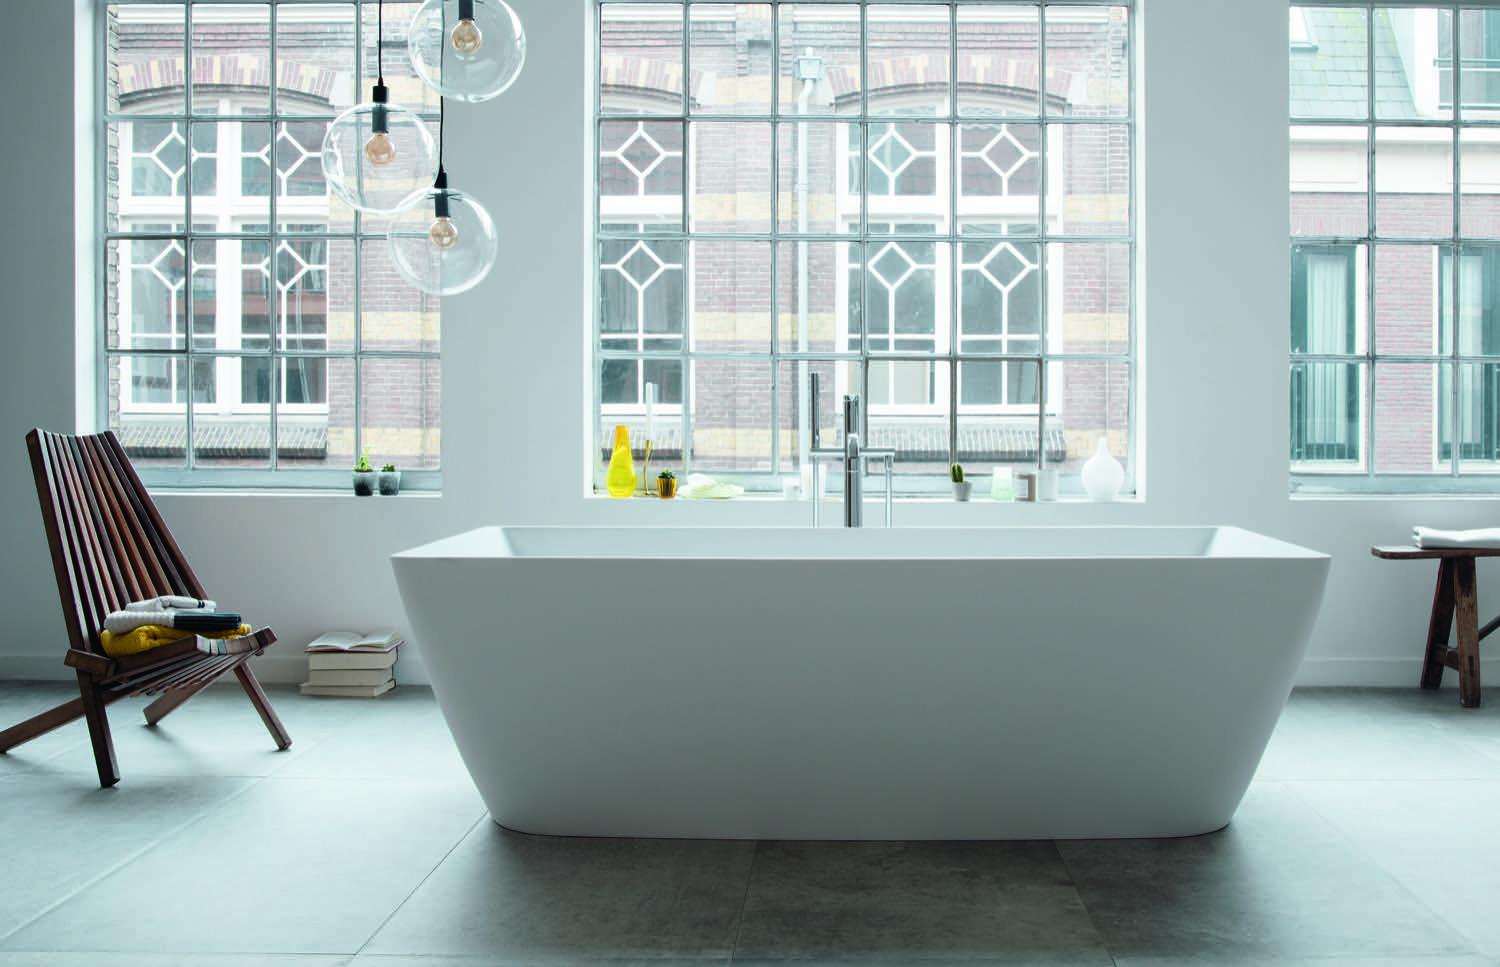 Loftcharakter: Die freistehende Badewanne DuraSquare von Duravit lädt zum Baden ein.